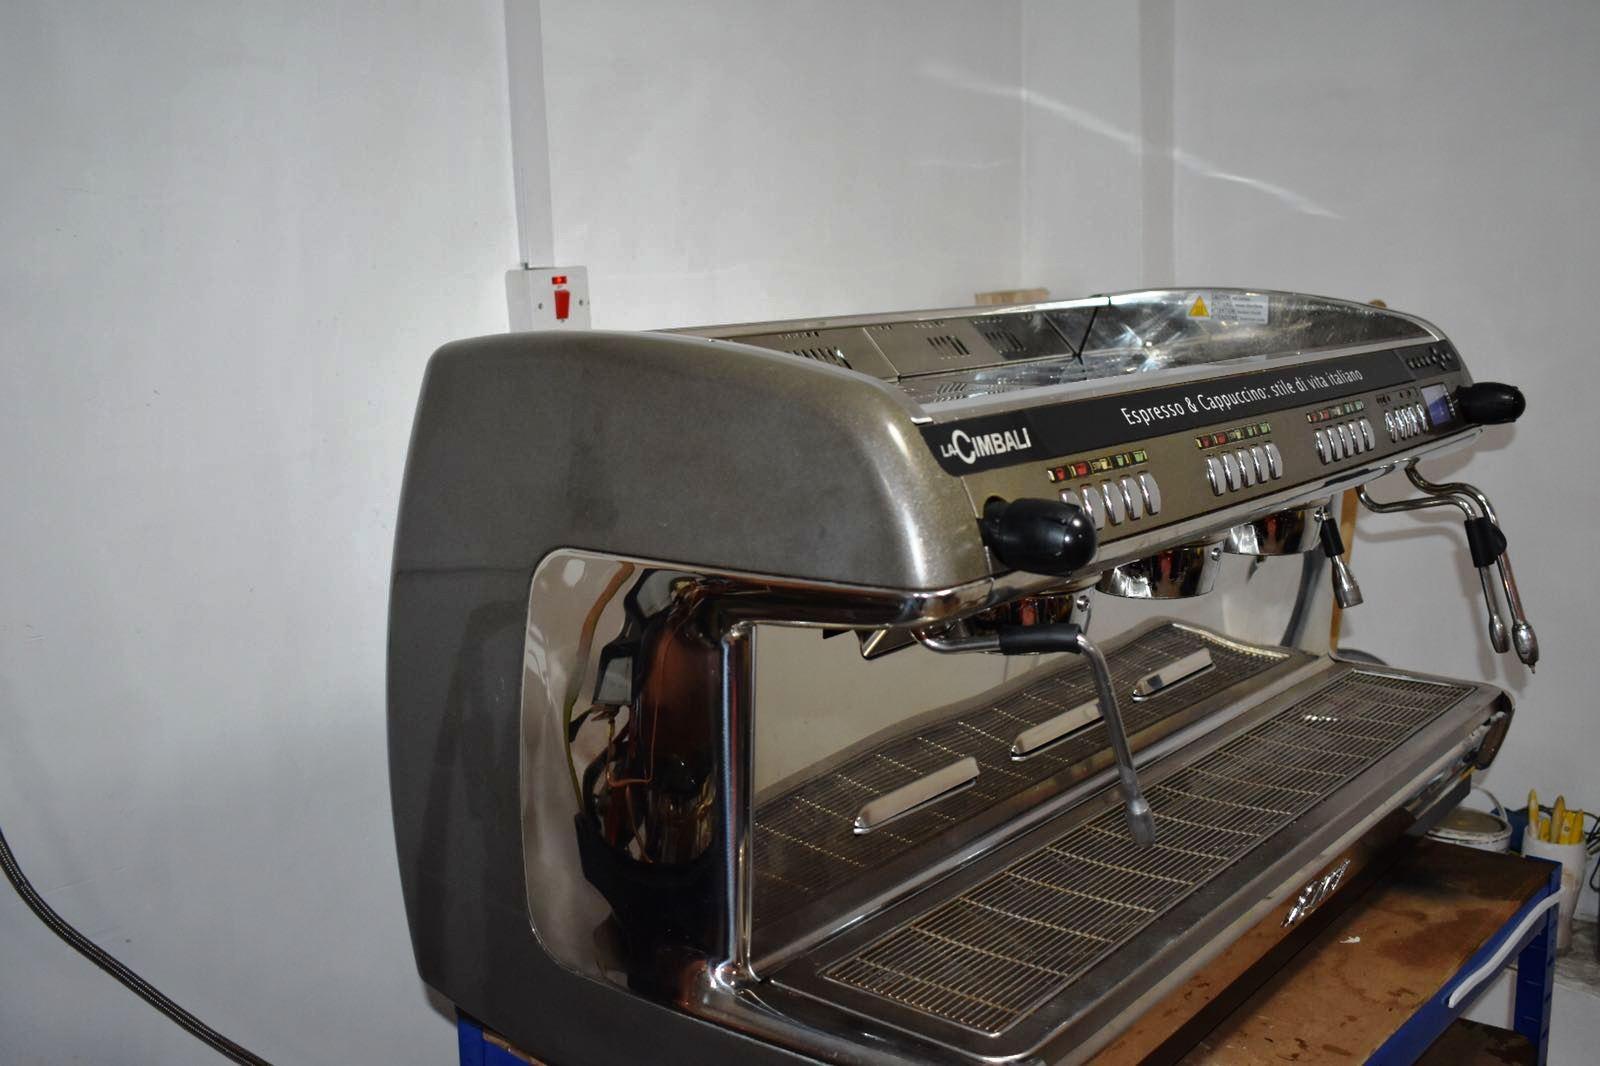 La Cimbali M39 Dosatron 3 Group Automatic Coffee Machine